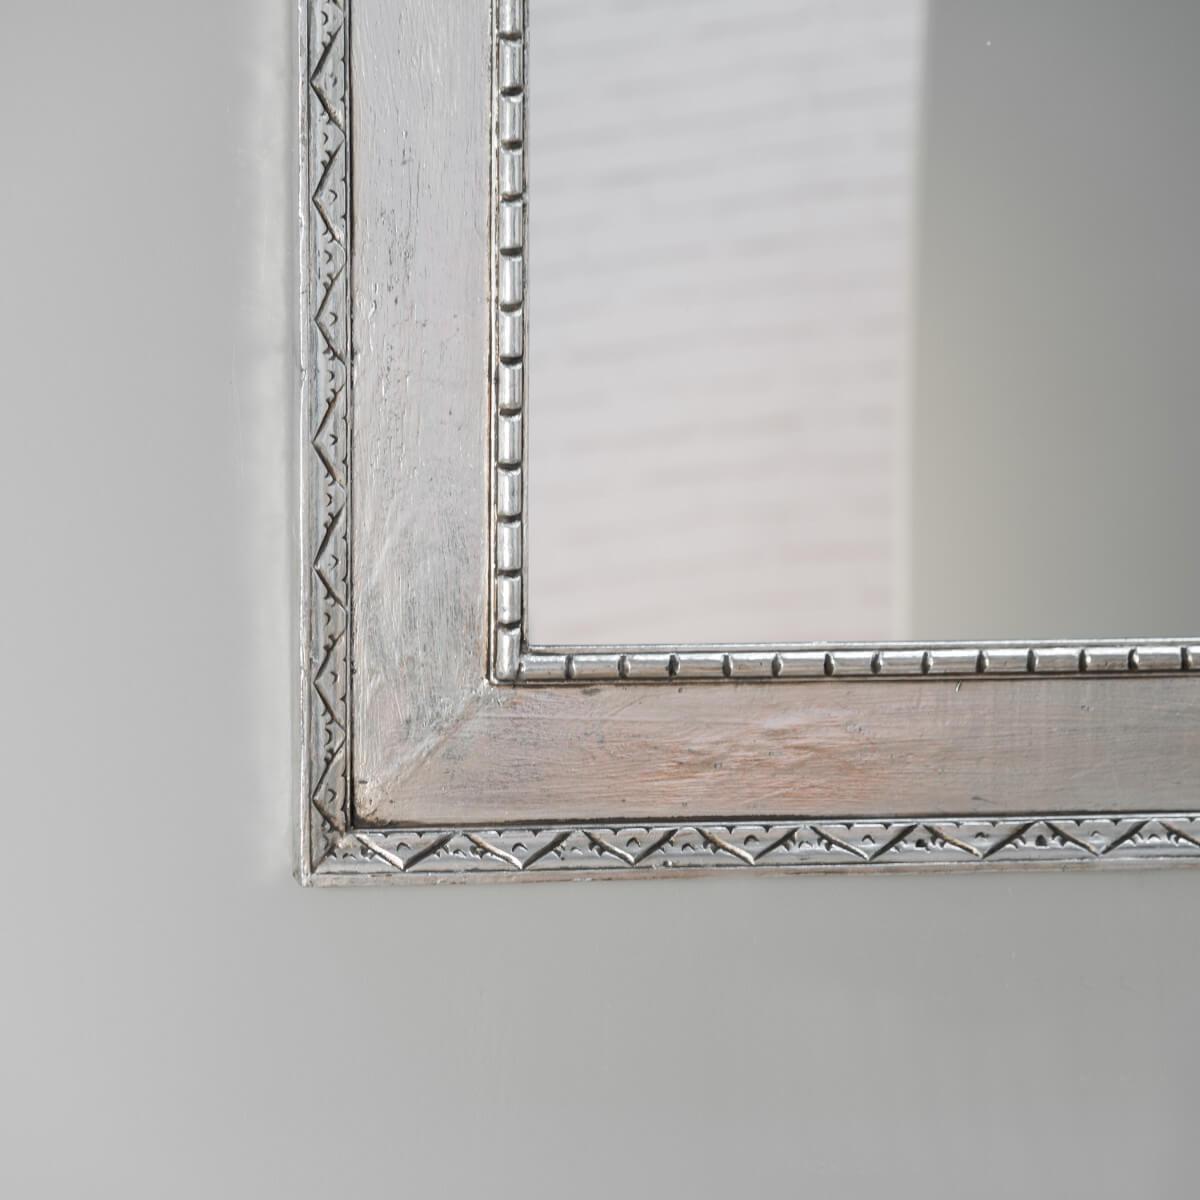 Miroir palerme en bois patin argent 140cm x 80cm for Miroir long argente